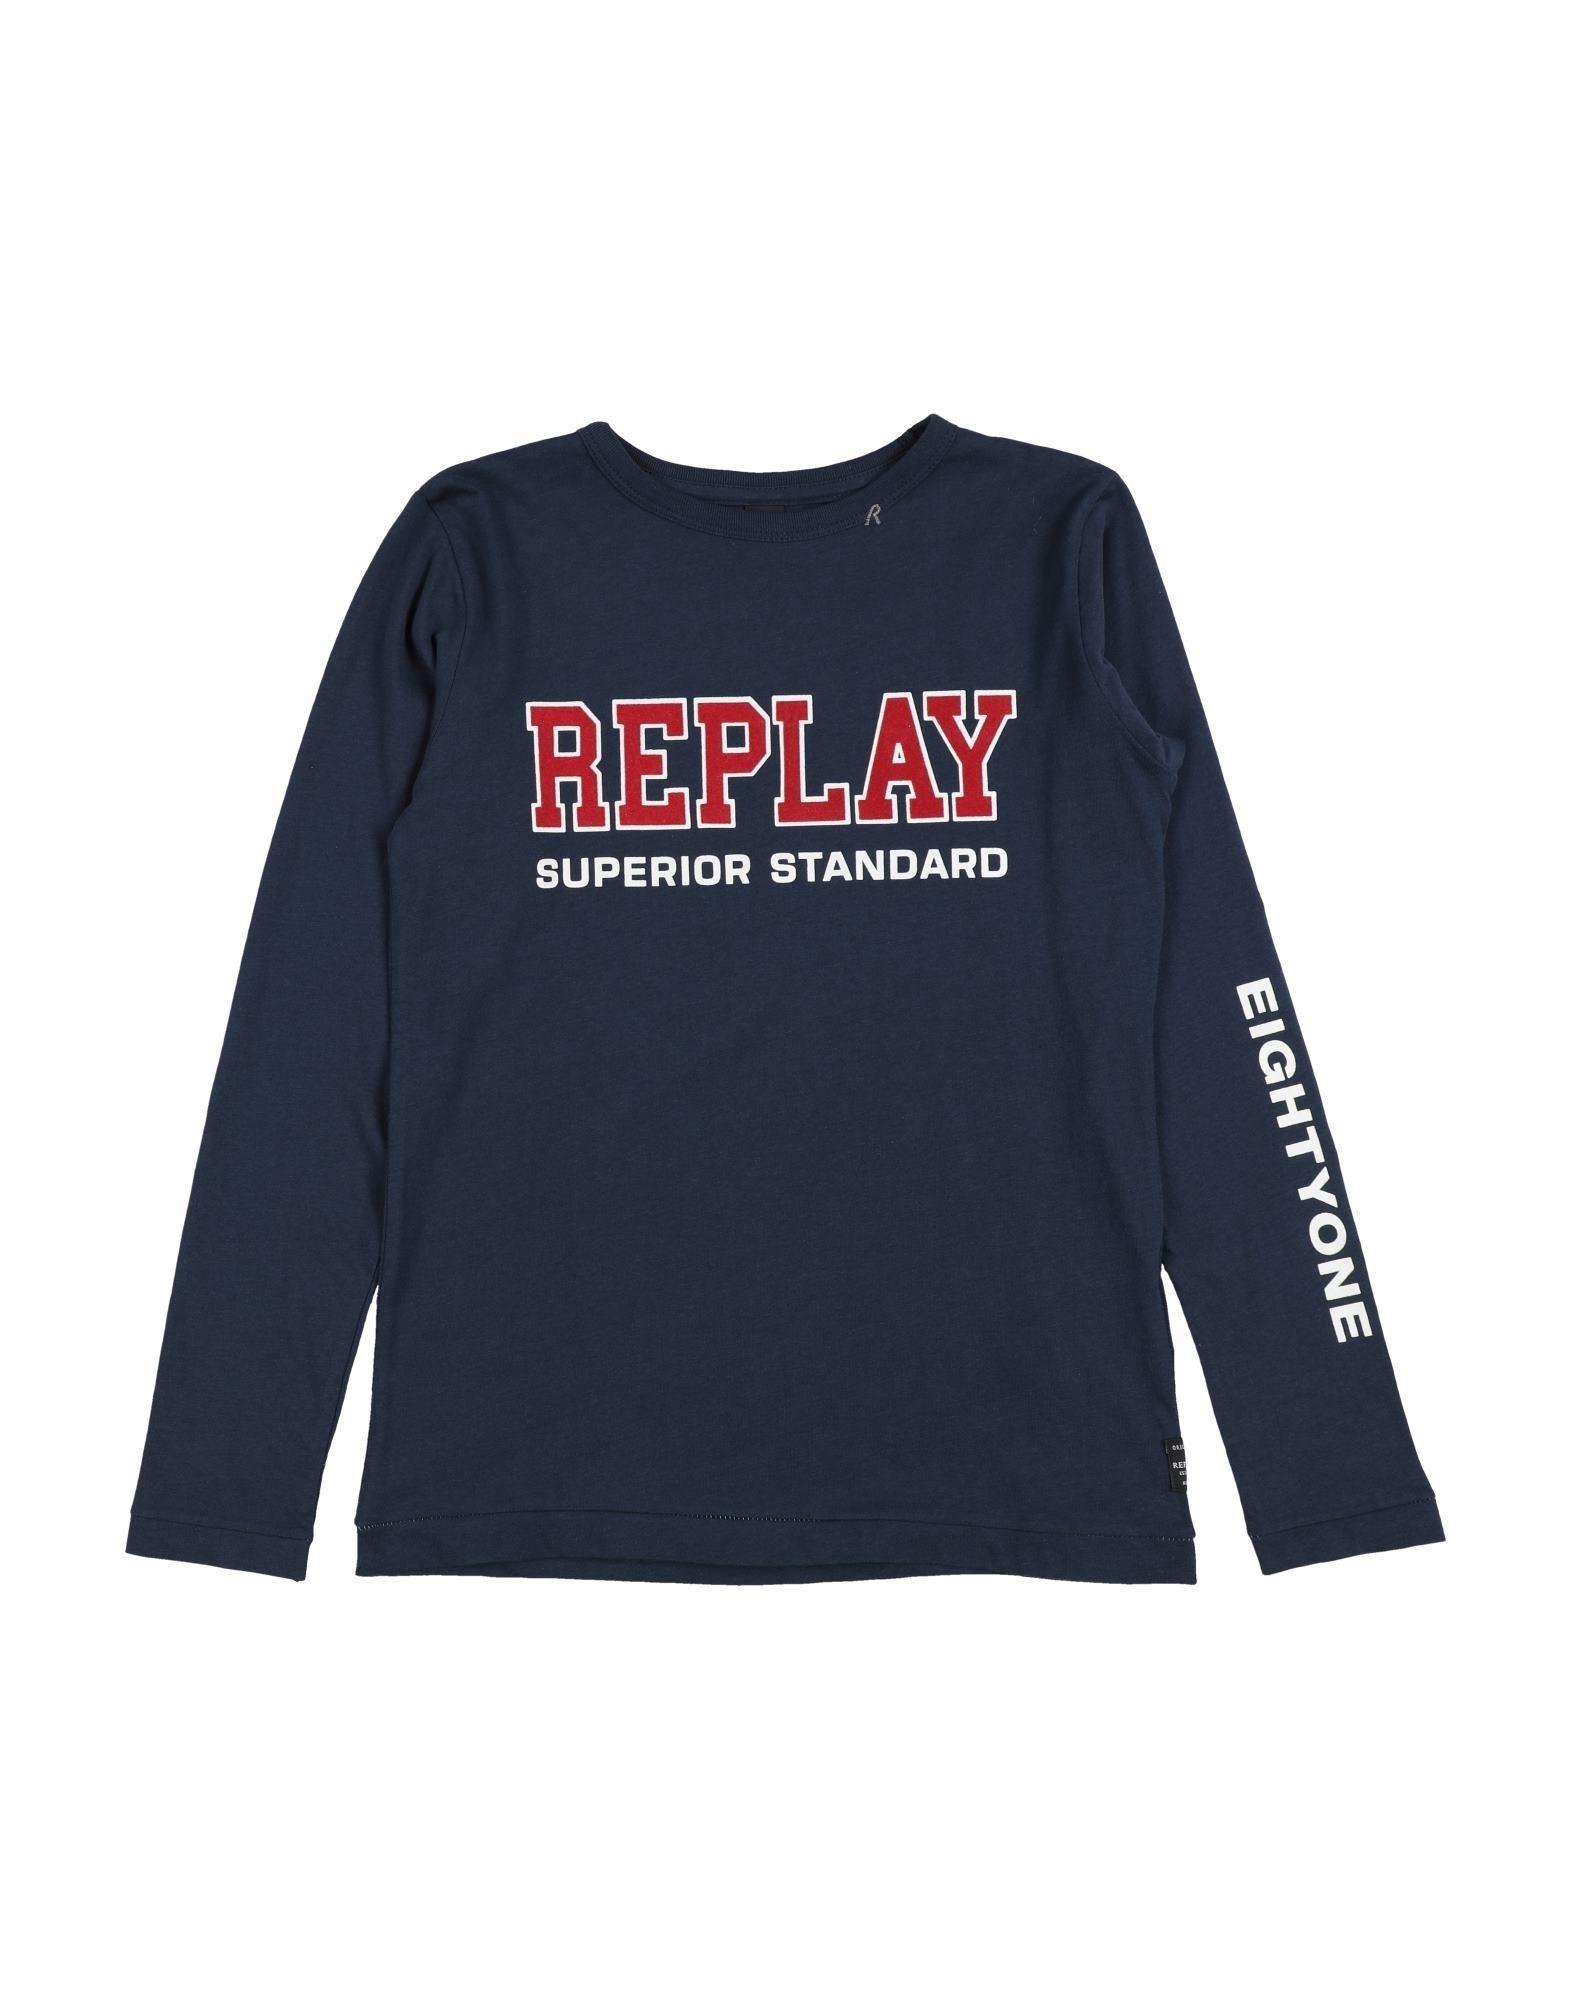 best service 7f1eb 76e90 Replay abbigliamento per bambini e ragazzi, 9-16 anni ...